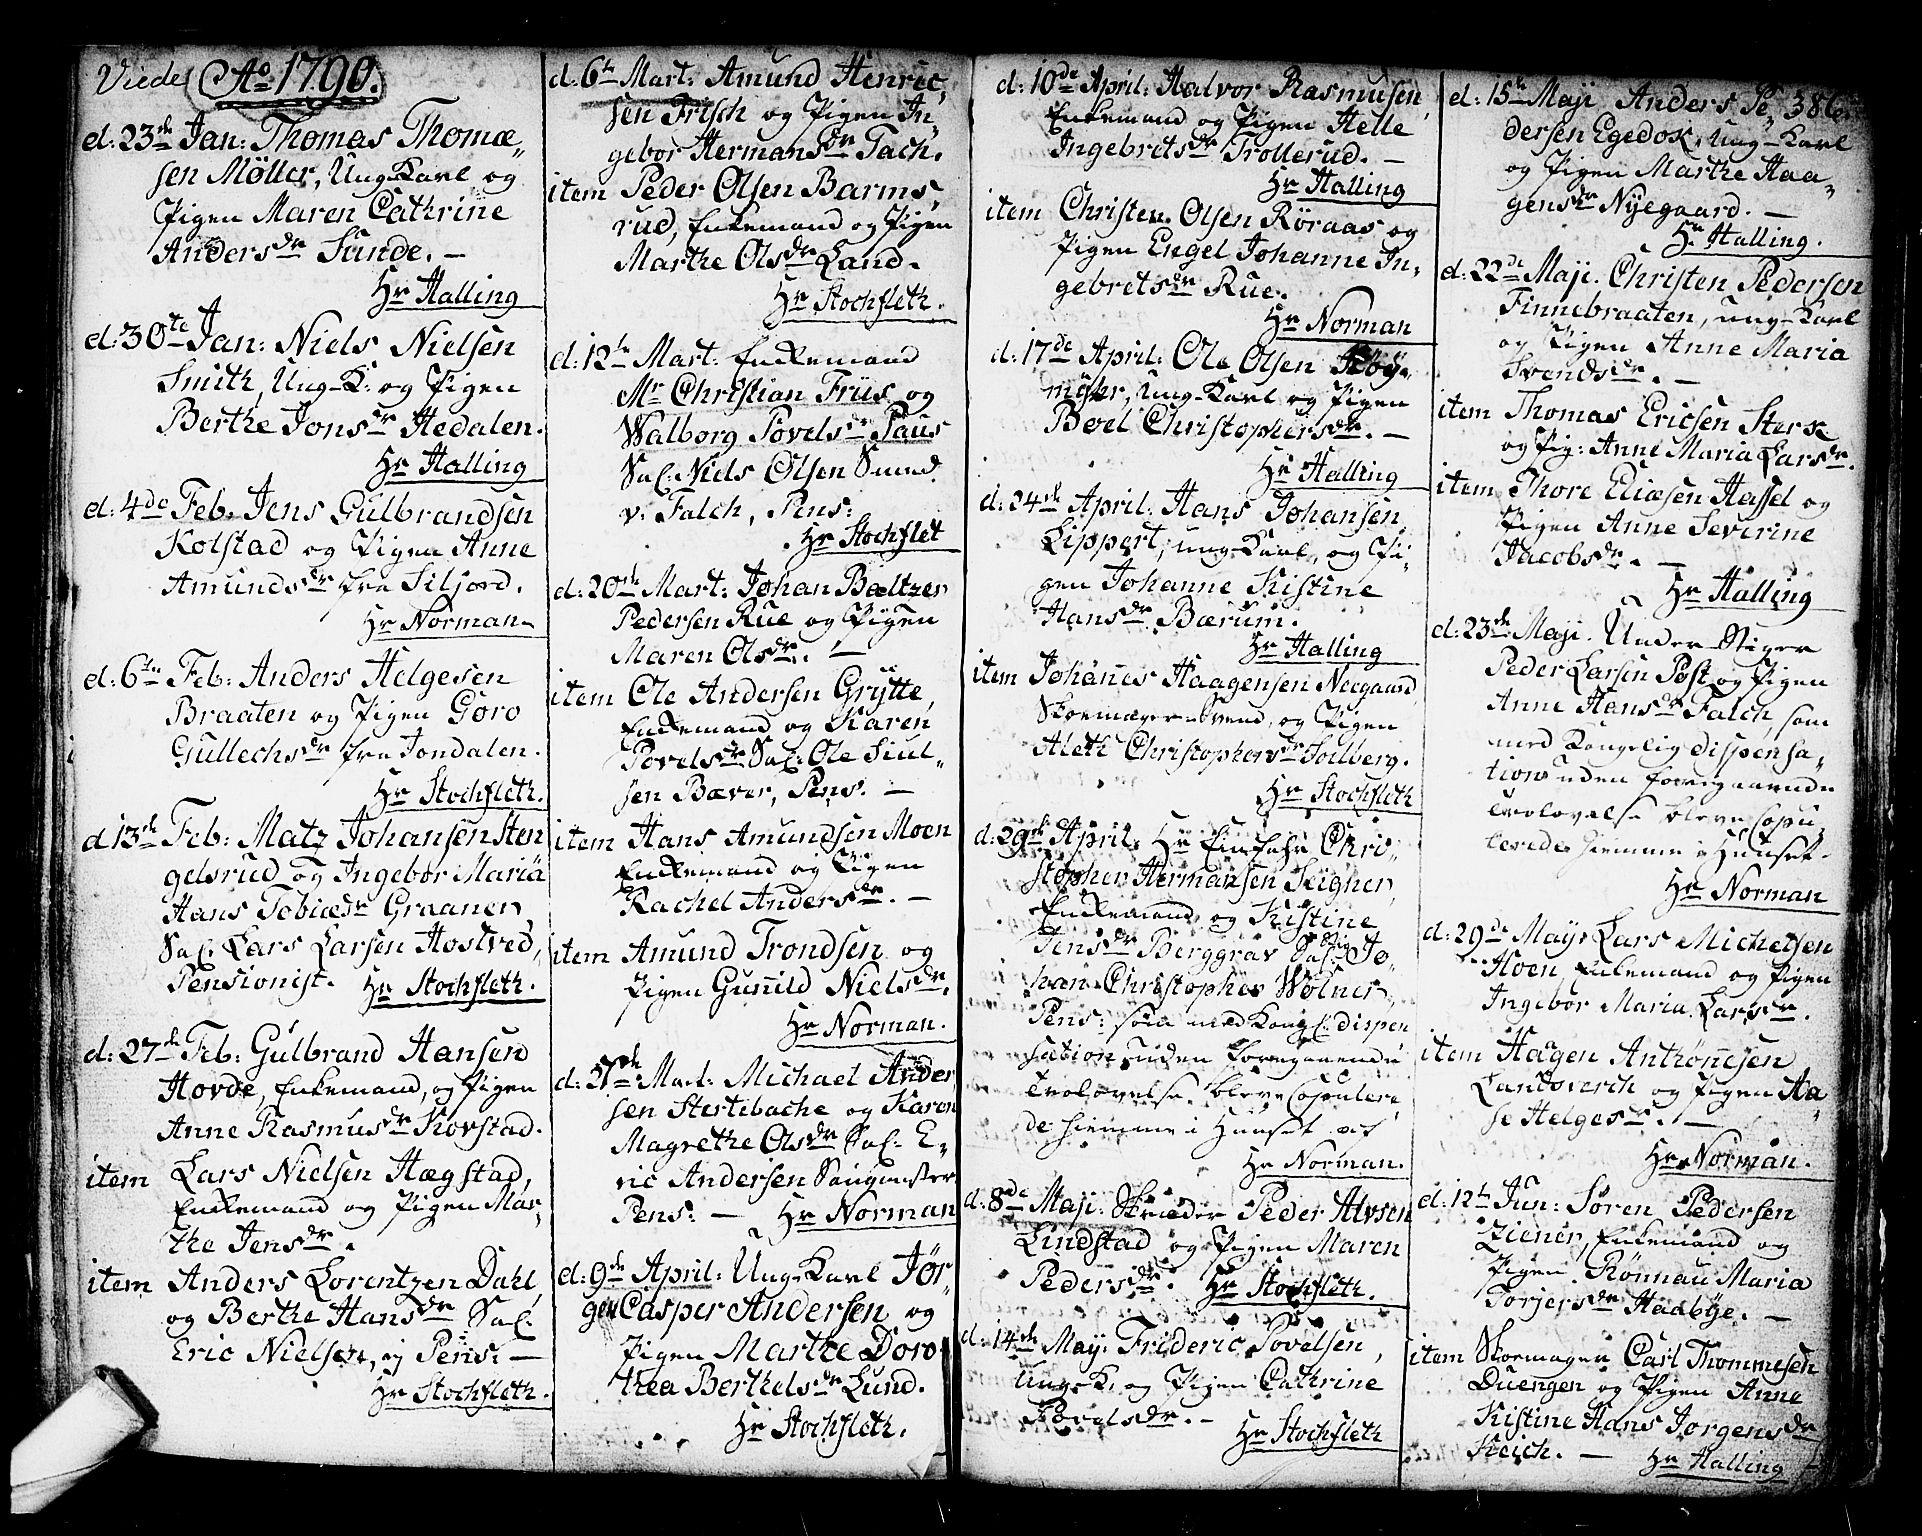 SAKO, Kongsberg kirkebøker, F/Fa/L0006: Ministerialbok nr. I 6, 1783-1797, s. 386